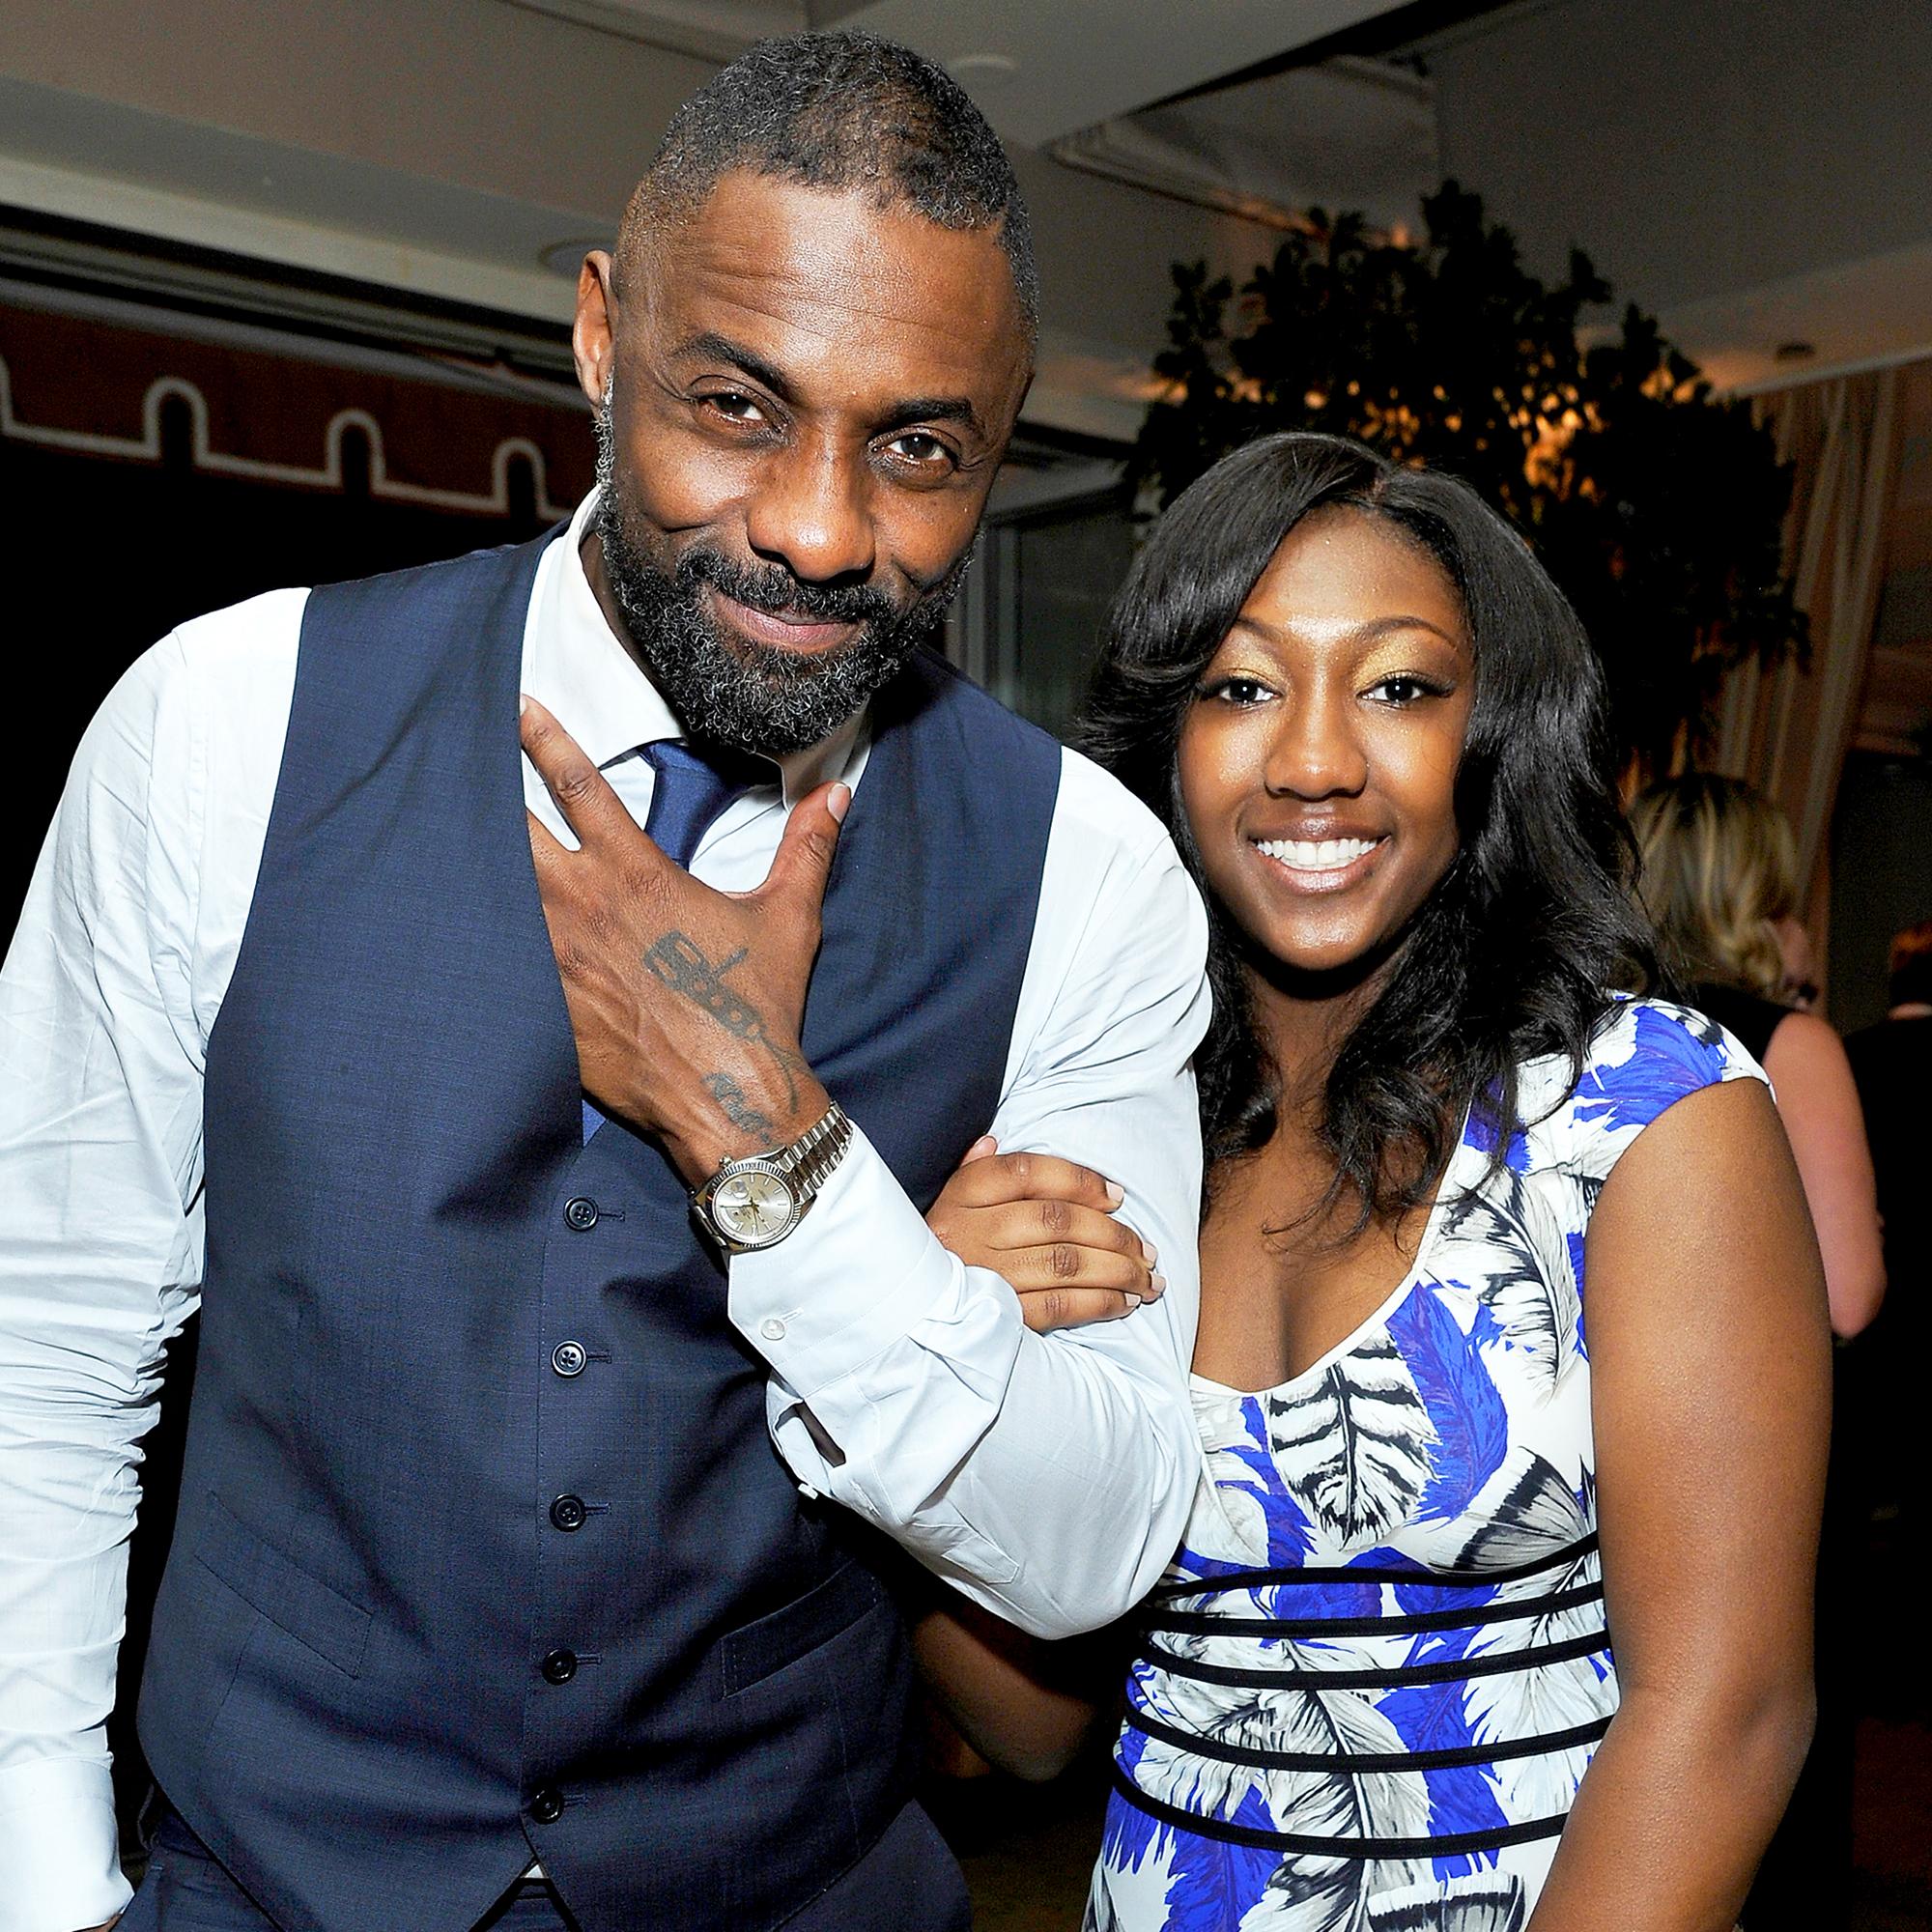 Idris Elba and Isan